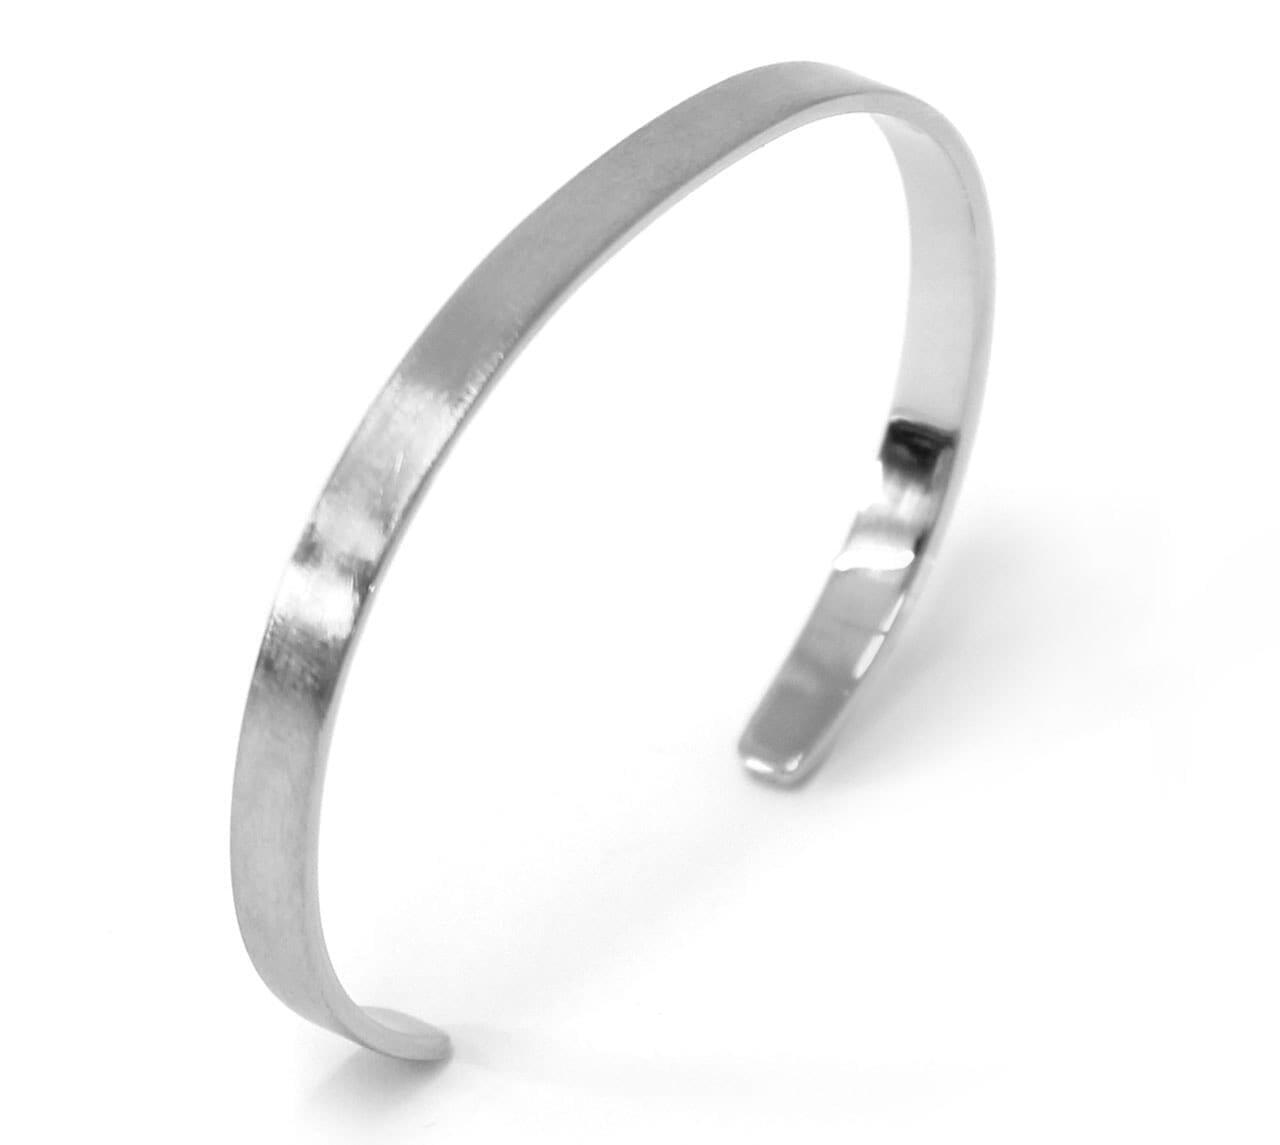 Nikama Design - Jaur-käsirengas 5mm, raaputettu